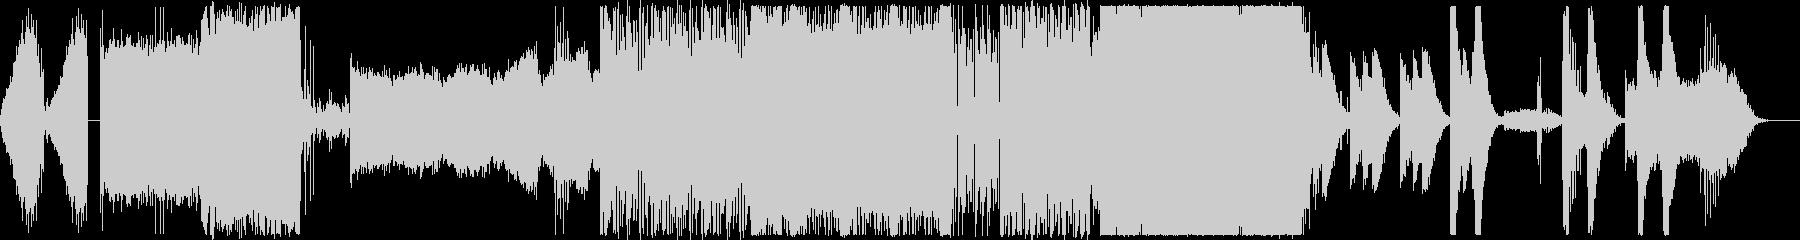 暗くインダストリアルなエレクトロの未再生の波形